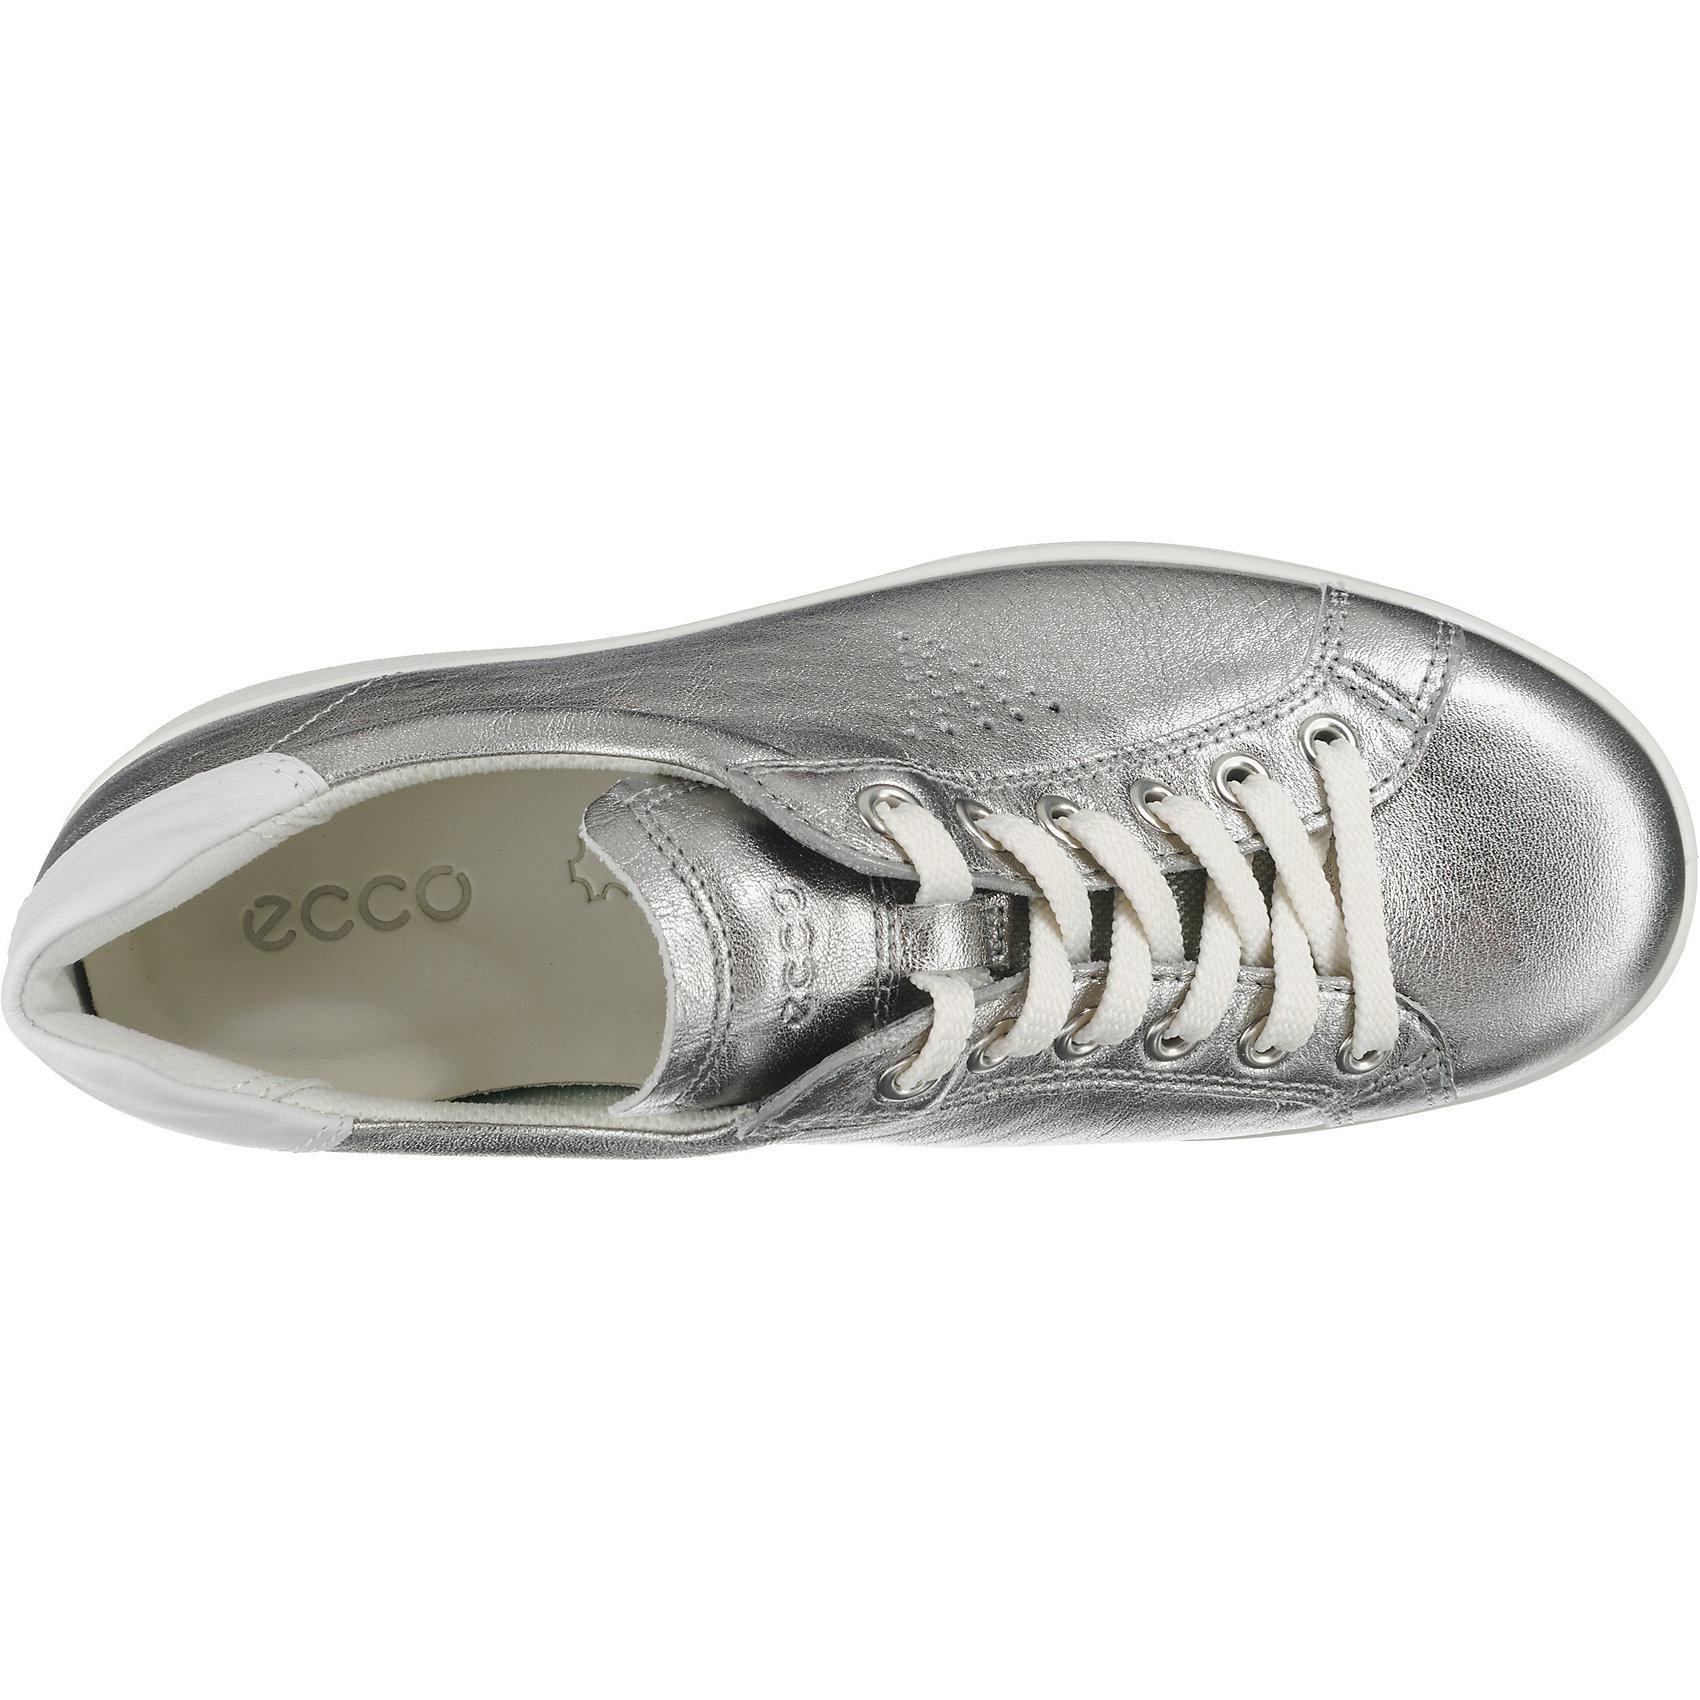 online retailer 7a416 70ddf ... Nike Air Max Trax Zapatillas de Mujer 631763 631763 631763 100  Zapatillas Liquidación 940d05 ...